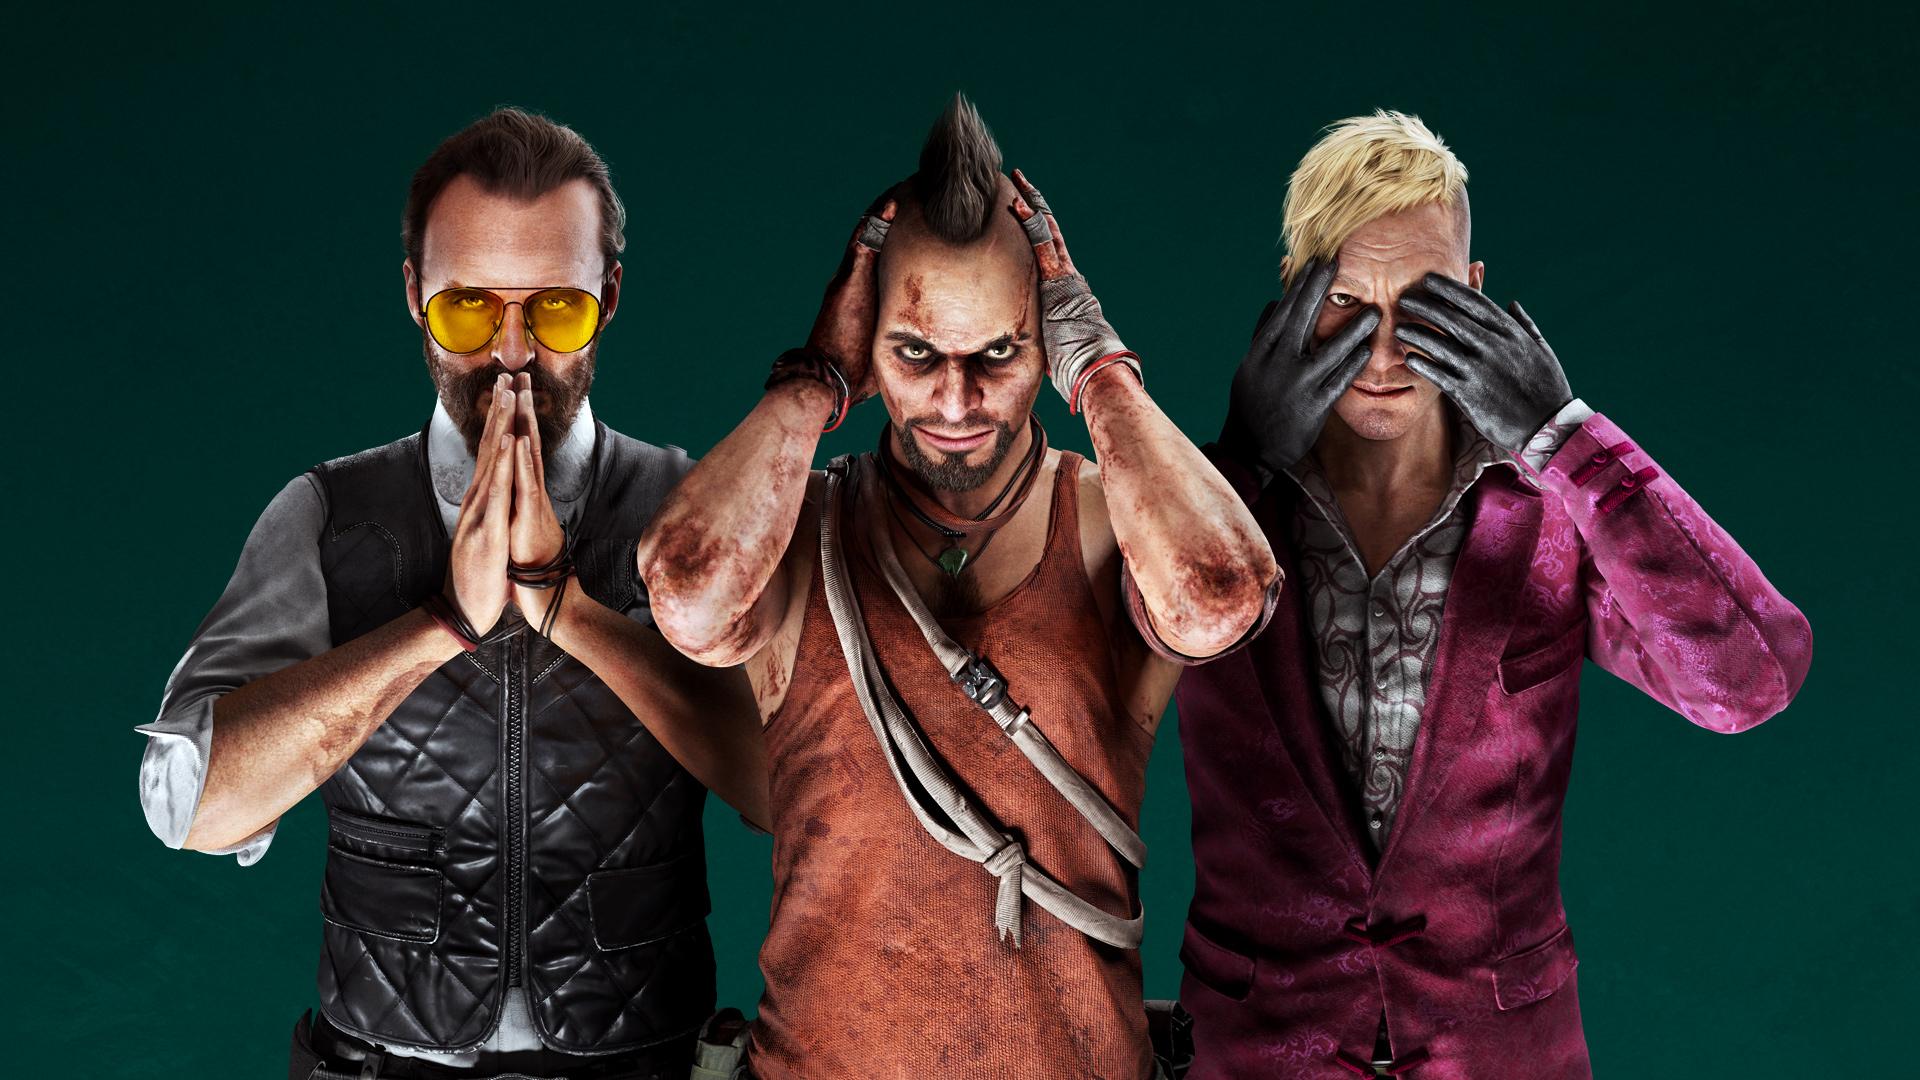 Far Cry 6 villain DLC